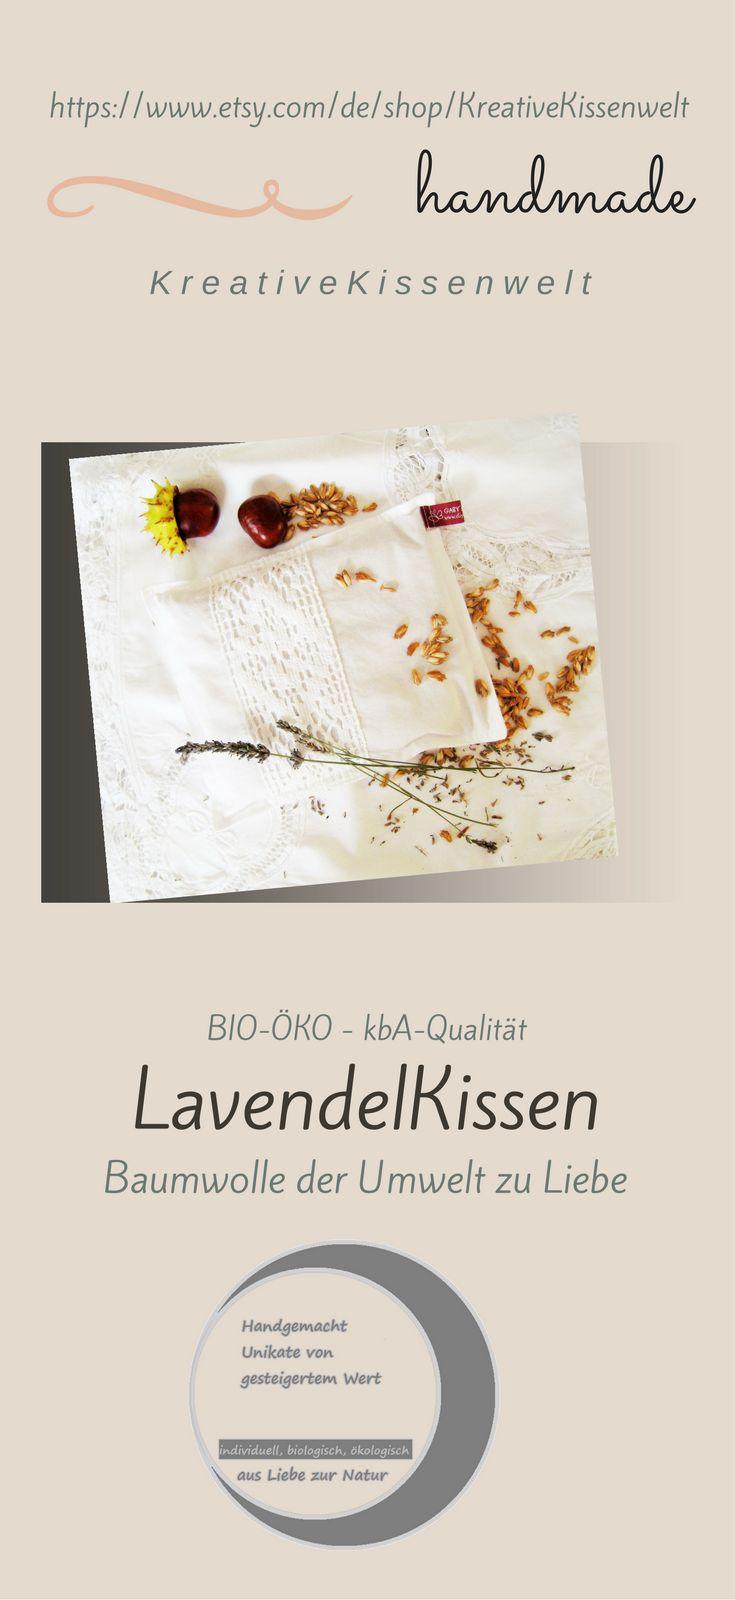 """weißes BIO Lavendel Duftkissen mit Spitze, Lavendel kbA Qualität, Eigenanbau, Dinkelspelz ökologischer Anbau vom BIO-Hof, 22x19 cm, 8.5""""x7"""","""